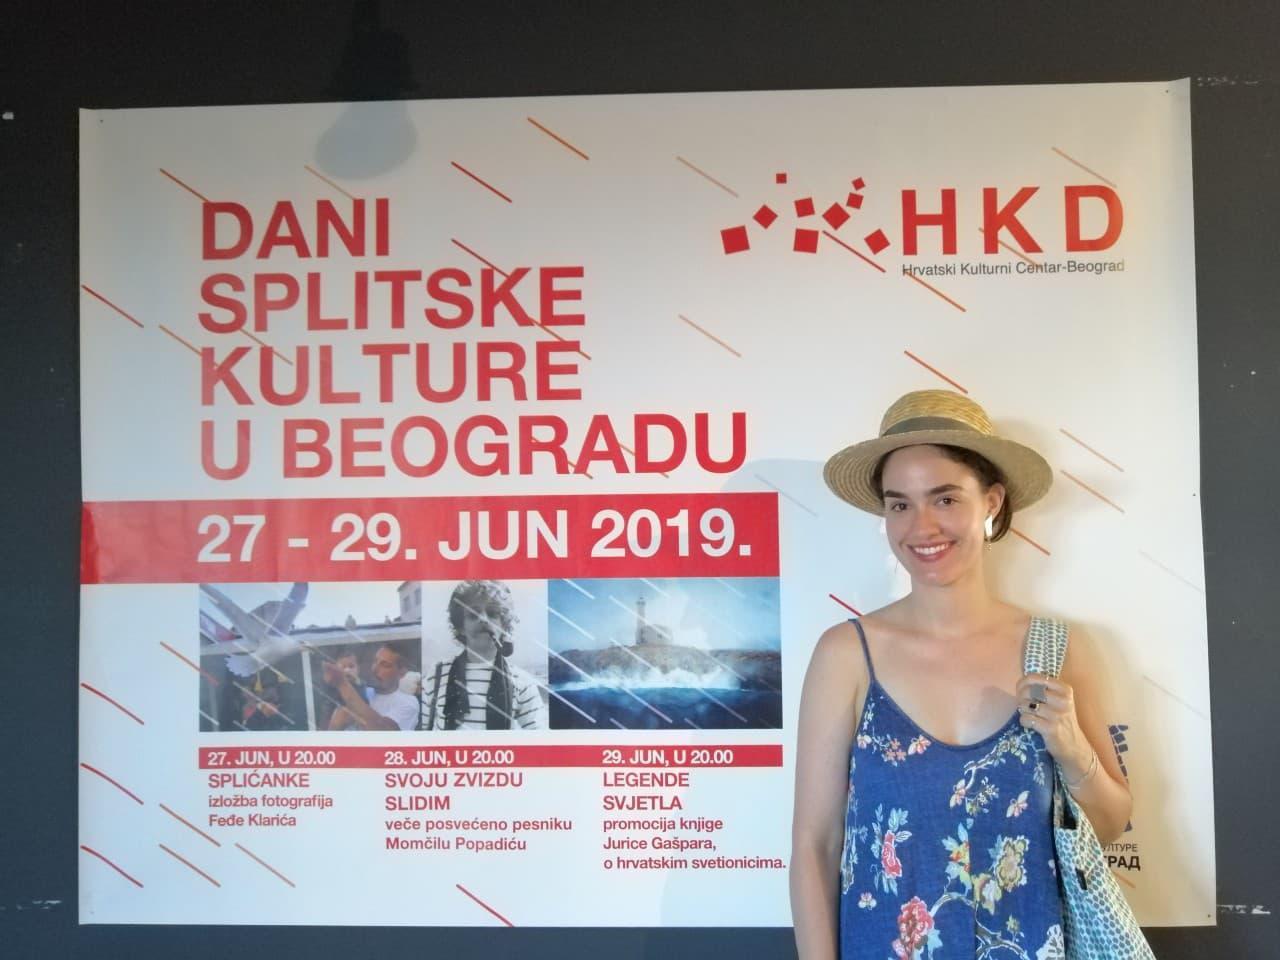 Aleksandra Anja Alač, kći glumca iz Splita Aleksandra Alača i glumice Vesne Čipčić, pozira ispred mega plakata